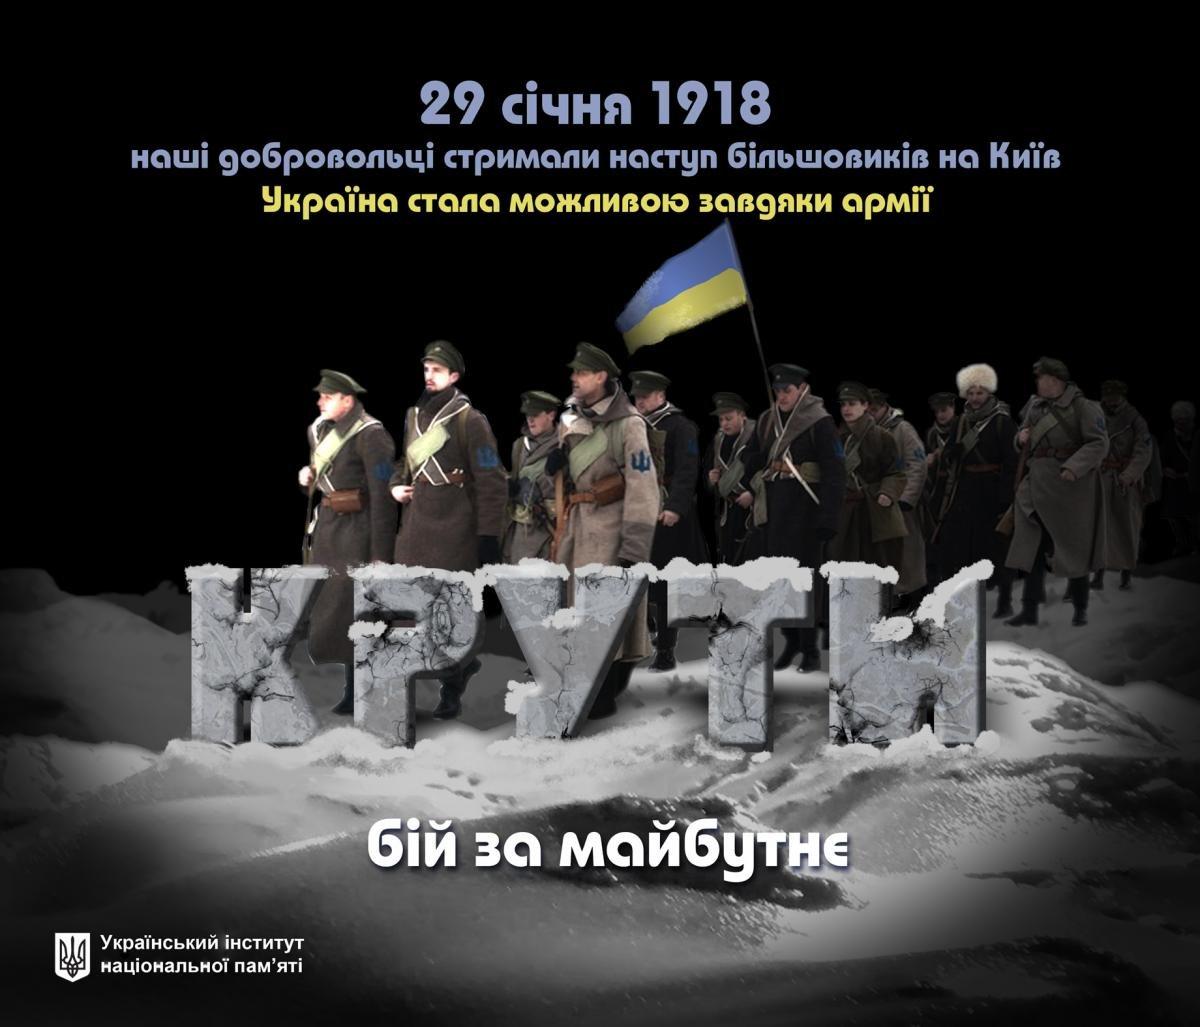 Перший бій за майбутнє України. Сьогодні відзначають річницю Бою під Крутами, фото-1